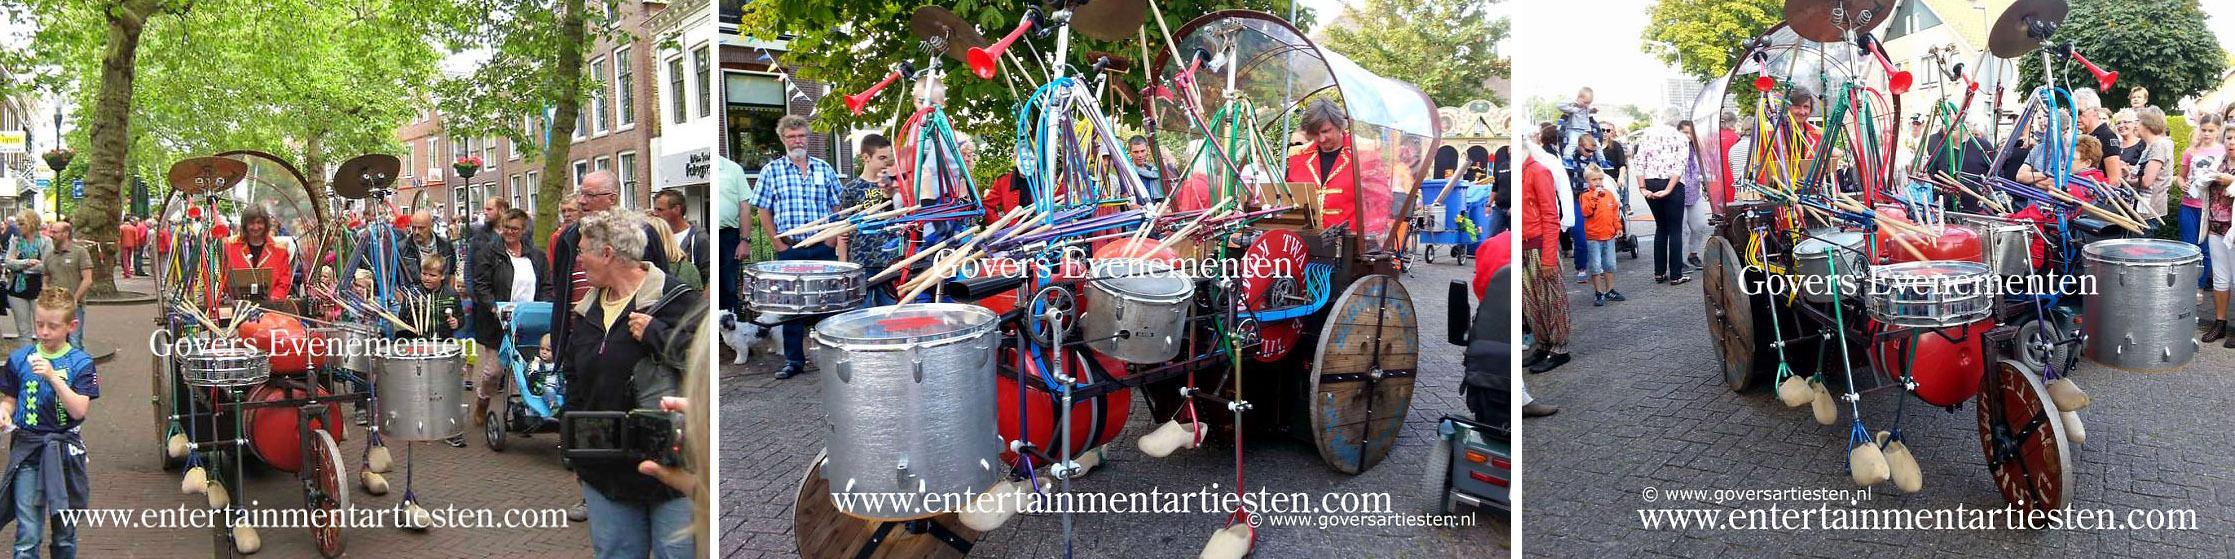 Straatact, muziek, bandje, straatmuziek, Straattheater, Het rollende object Uit het land waar roest nooit rust en afval niet bestaat komt klompengeklos, een drumband met houten klompen als loopmachine, www.goversartiesten.nl